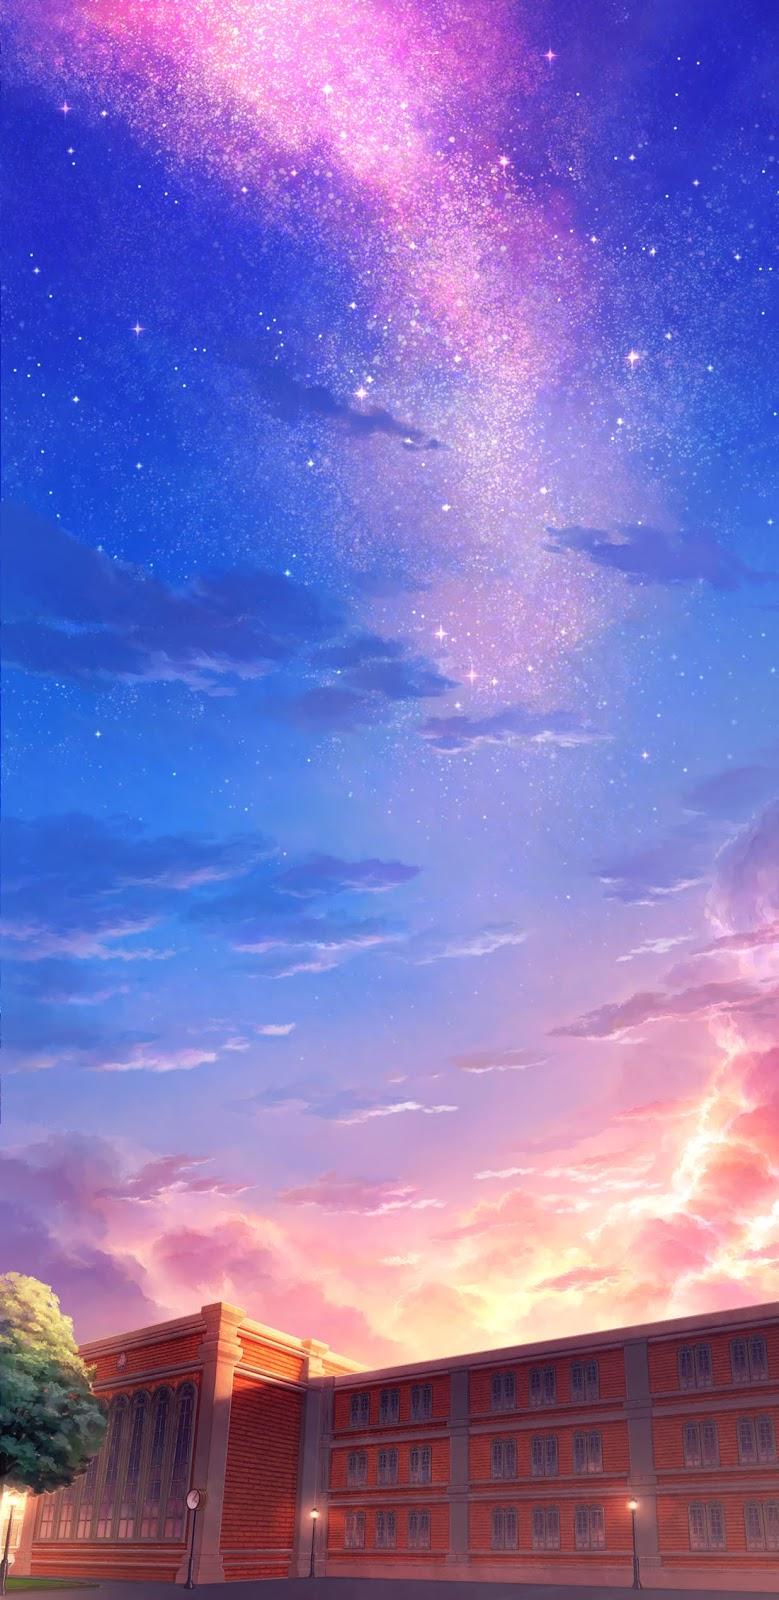 Marvelous sky